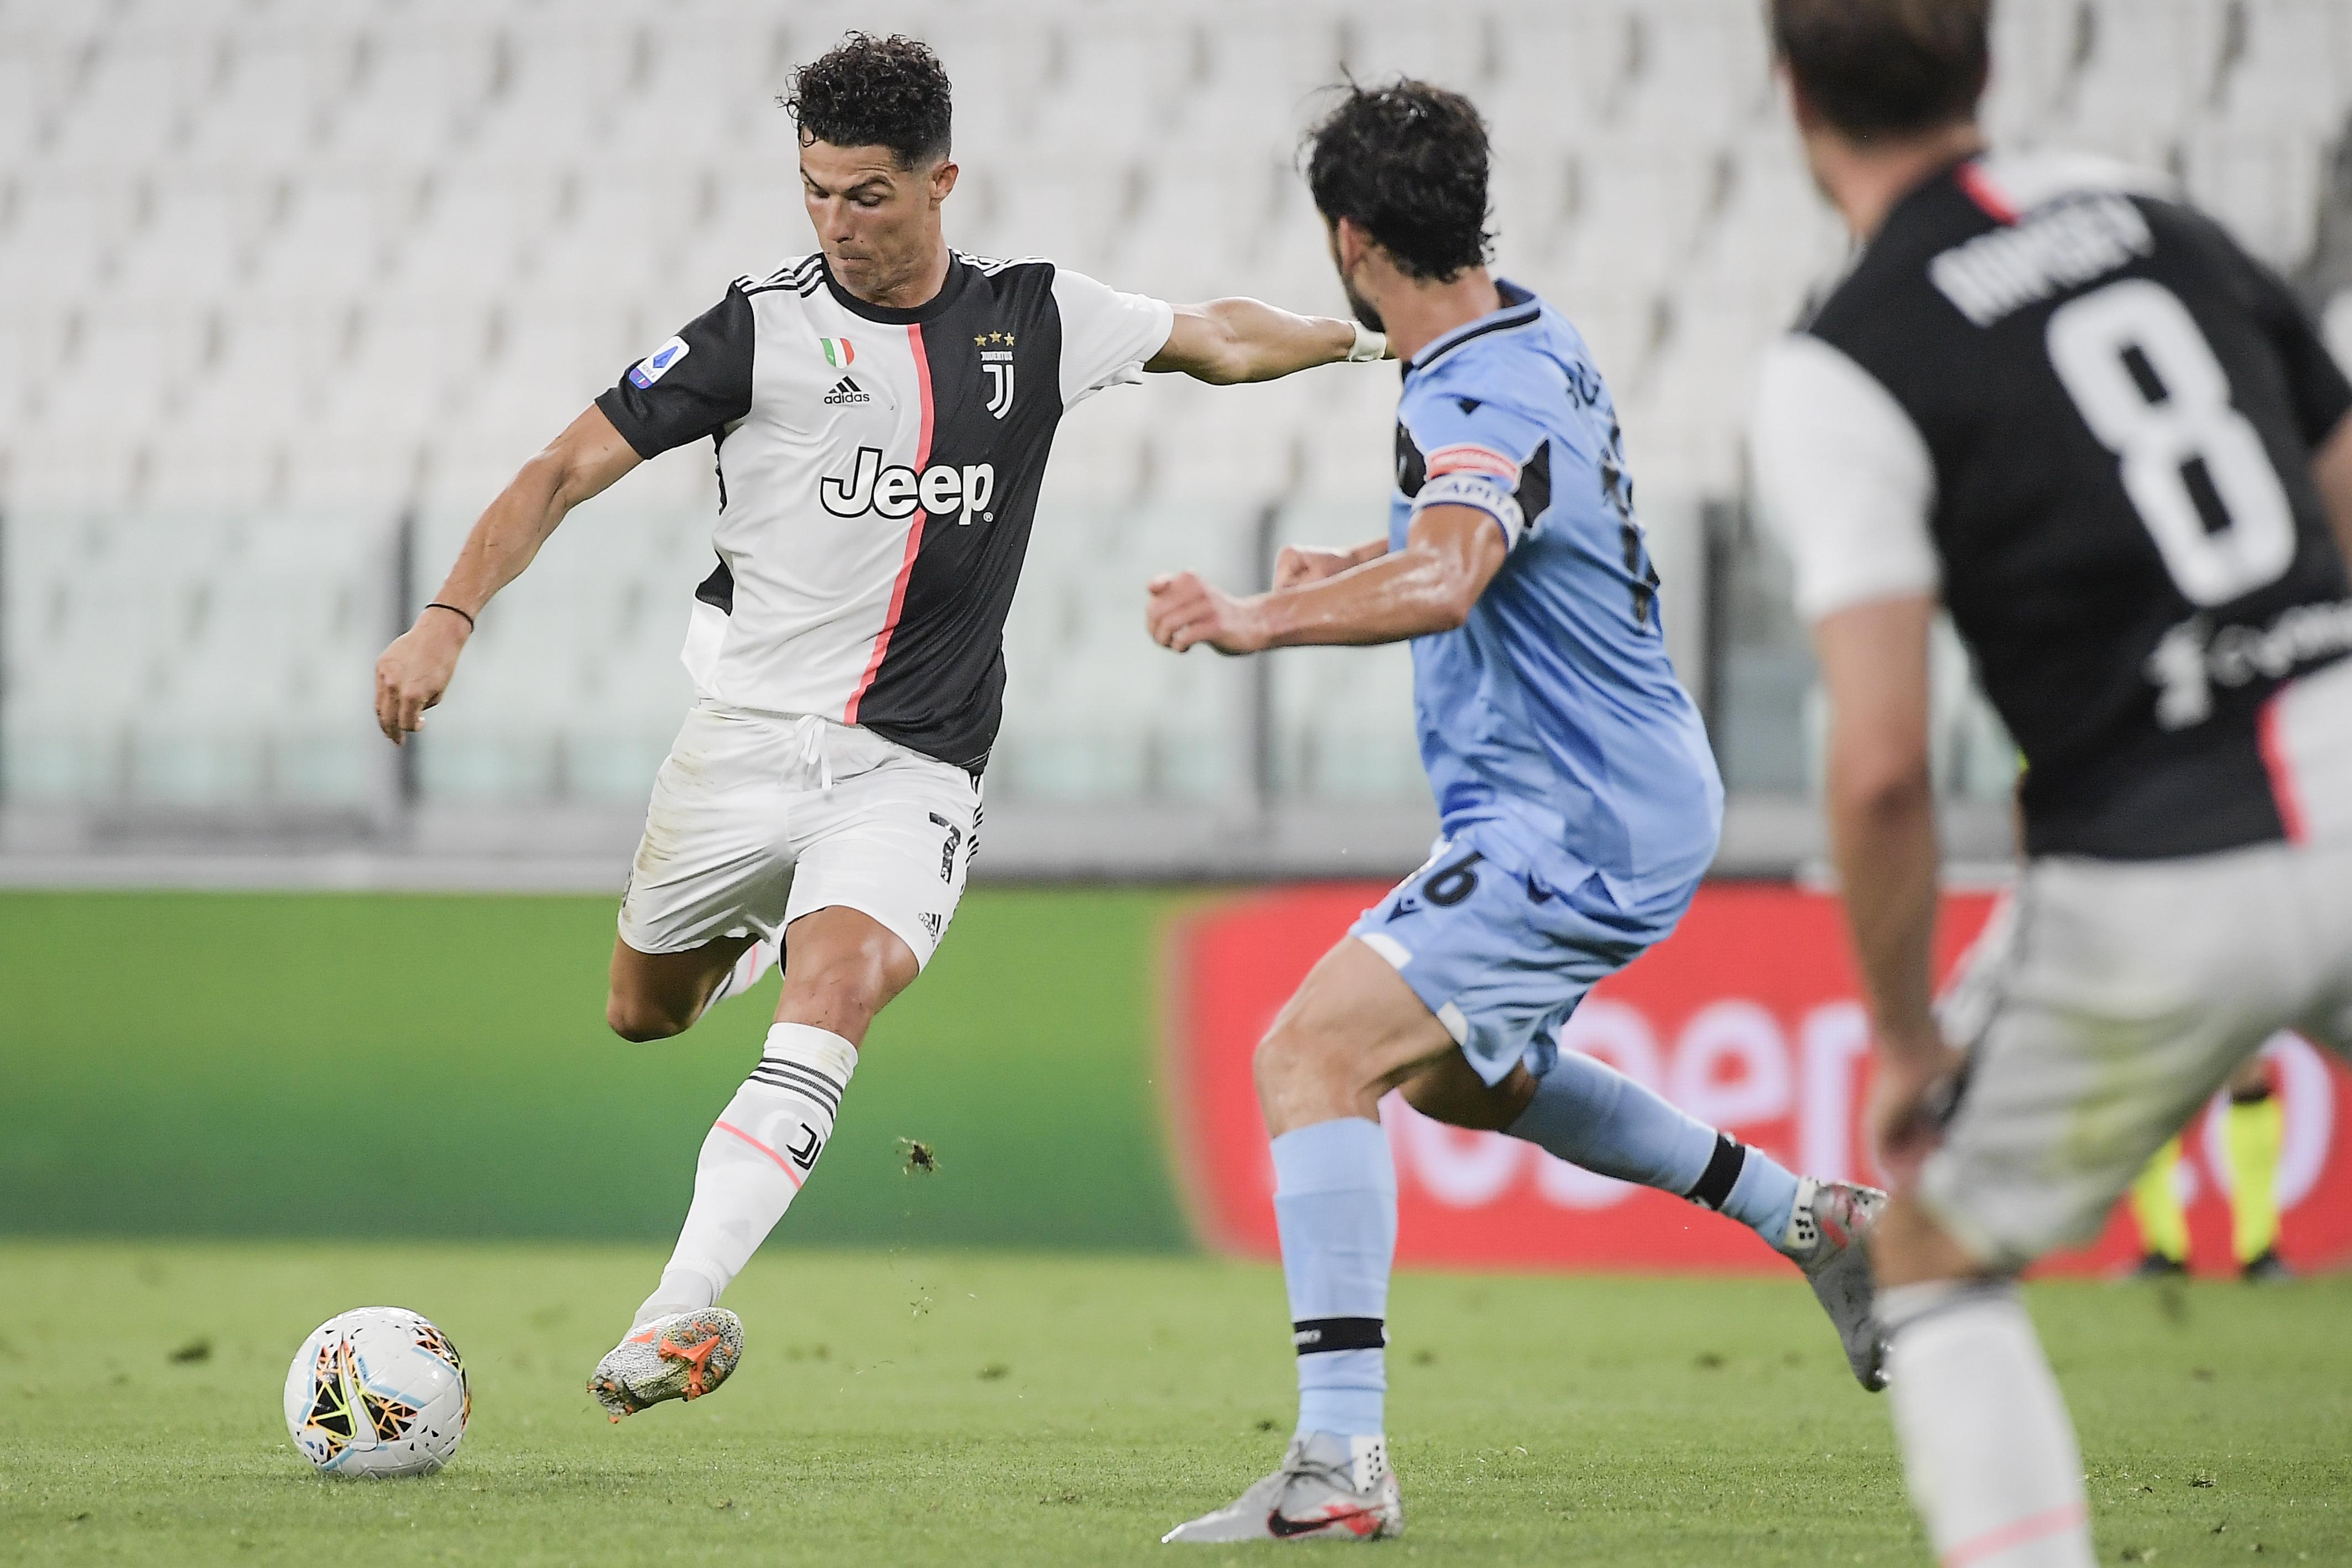 Juventus vs. Sampdoria LIVE STREAM (9/20/20): Watch Cristiano Ronaldo in  Serie A online   Time, USA TV, channel - nj.com